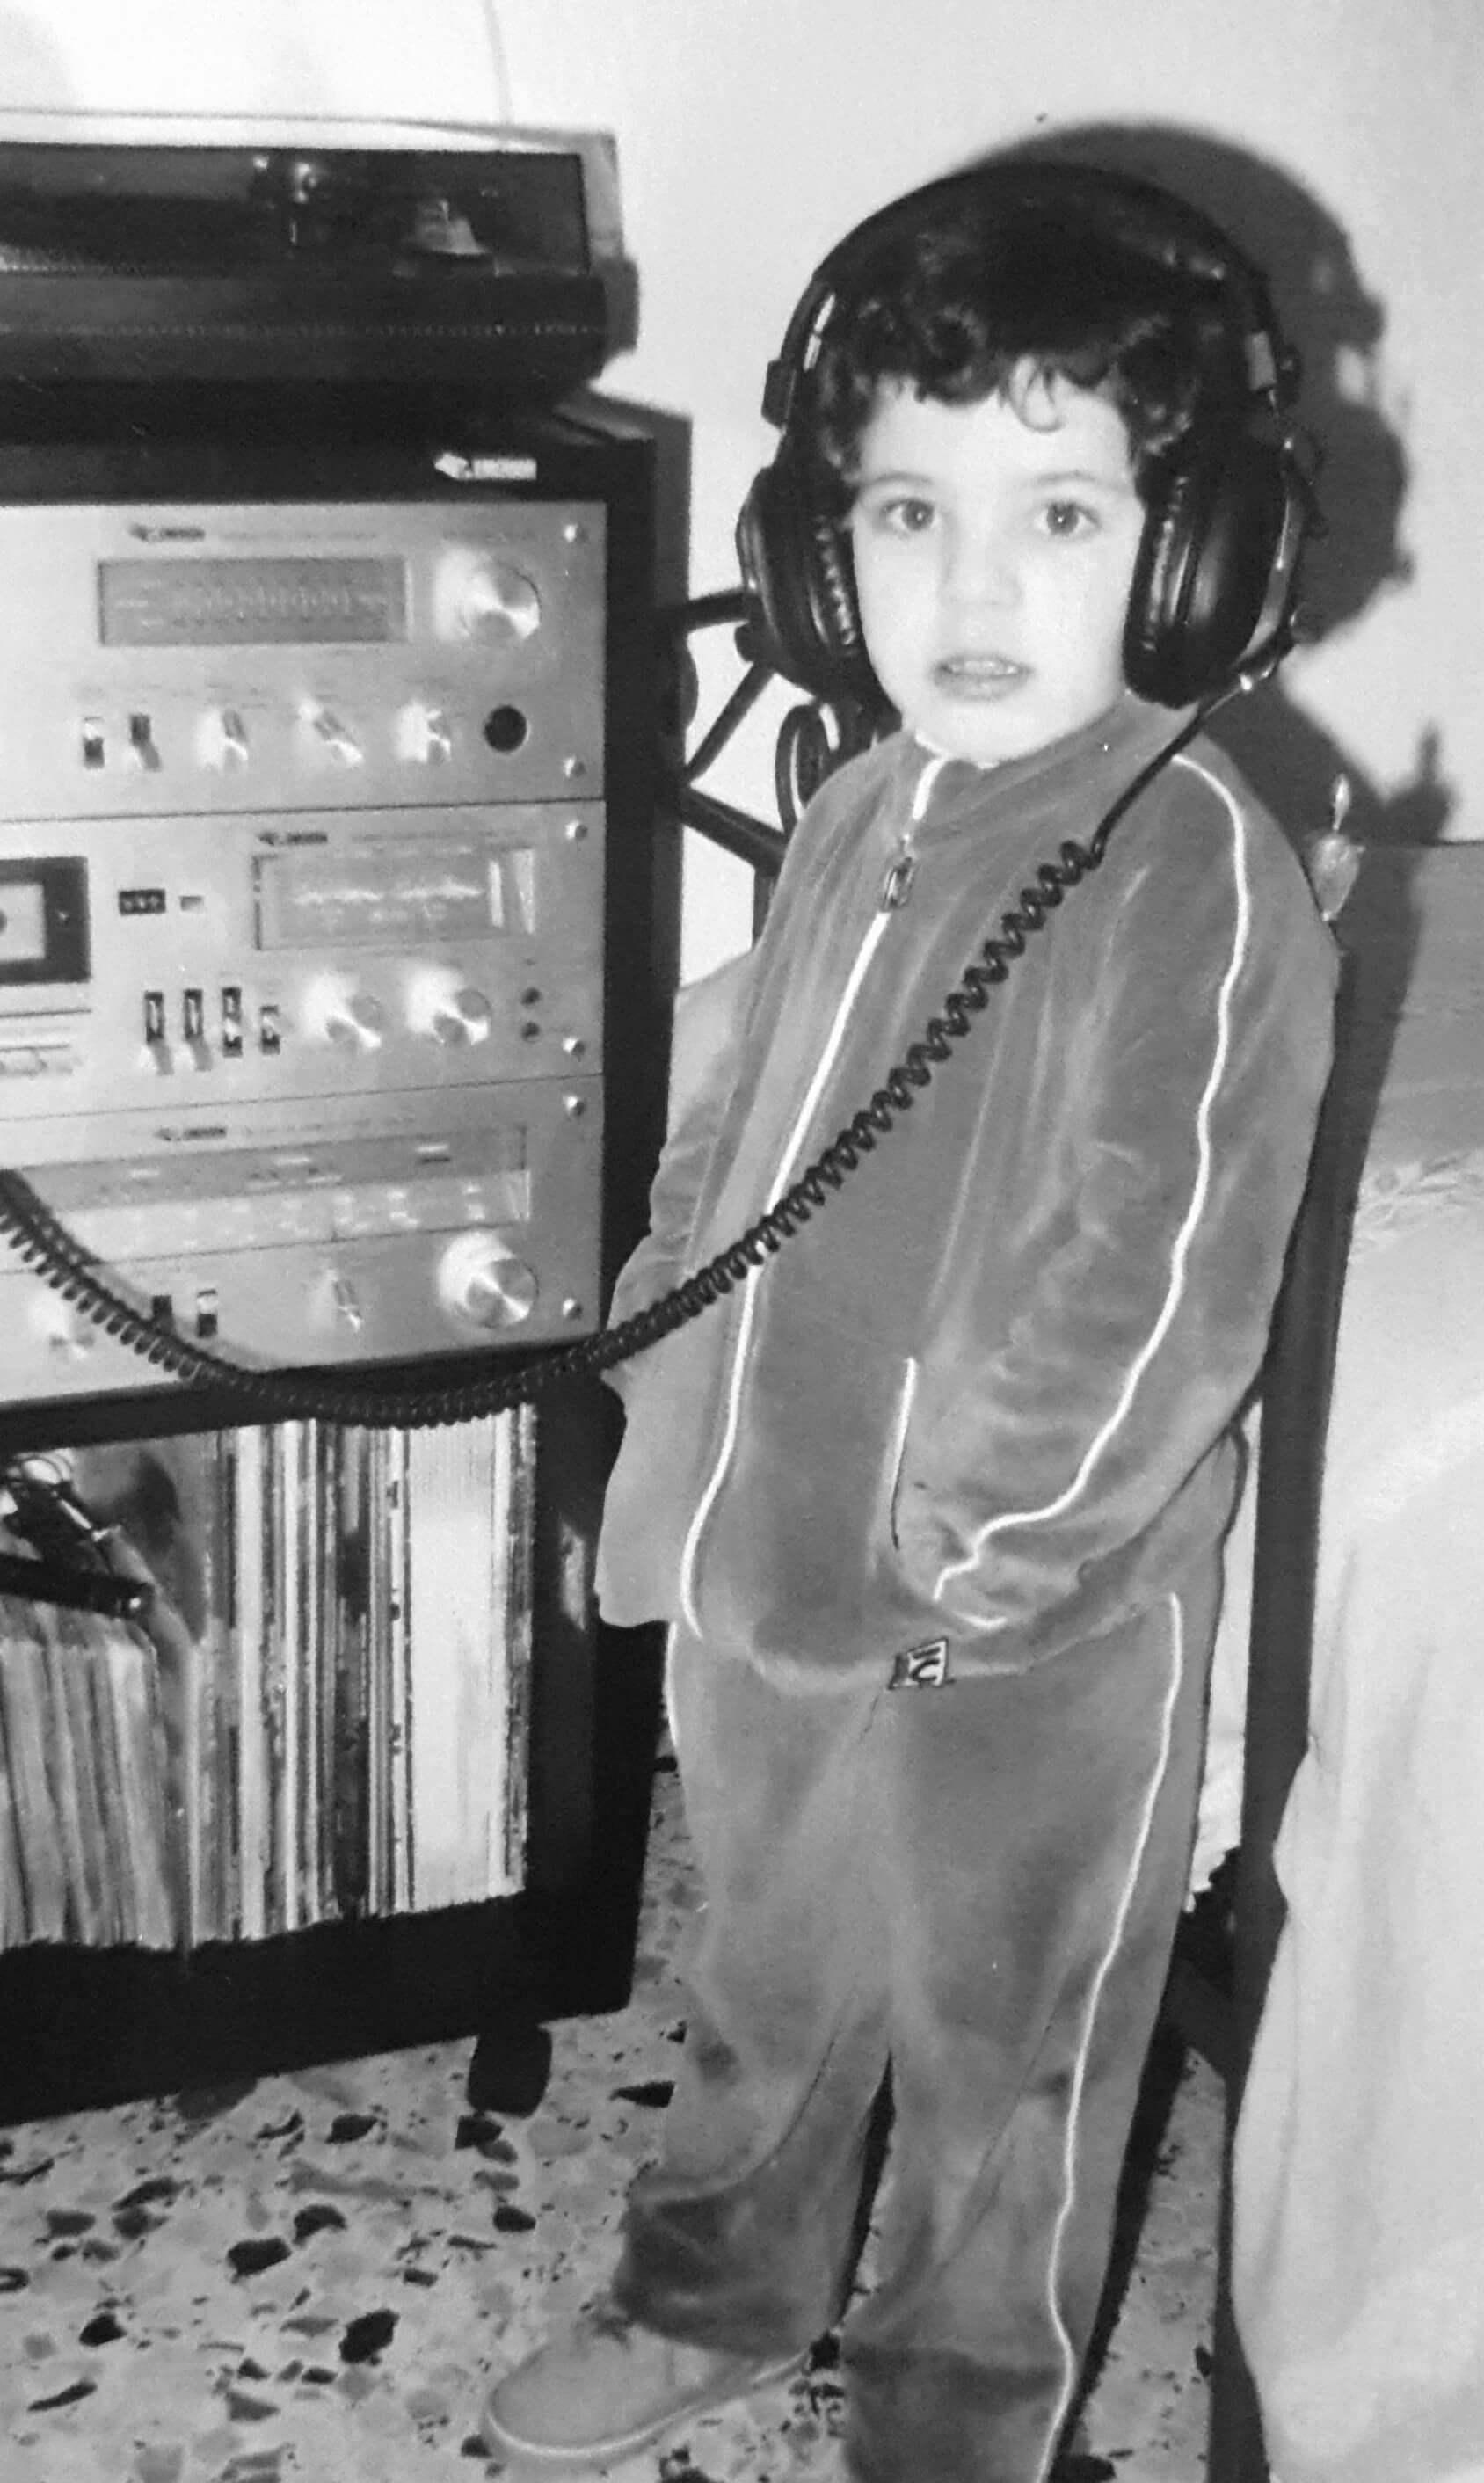 Biagio di Stefano da bambino mentre ascolta la musica dello stereo con le cuffie. Foto in bianco e nero.